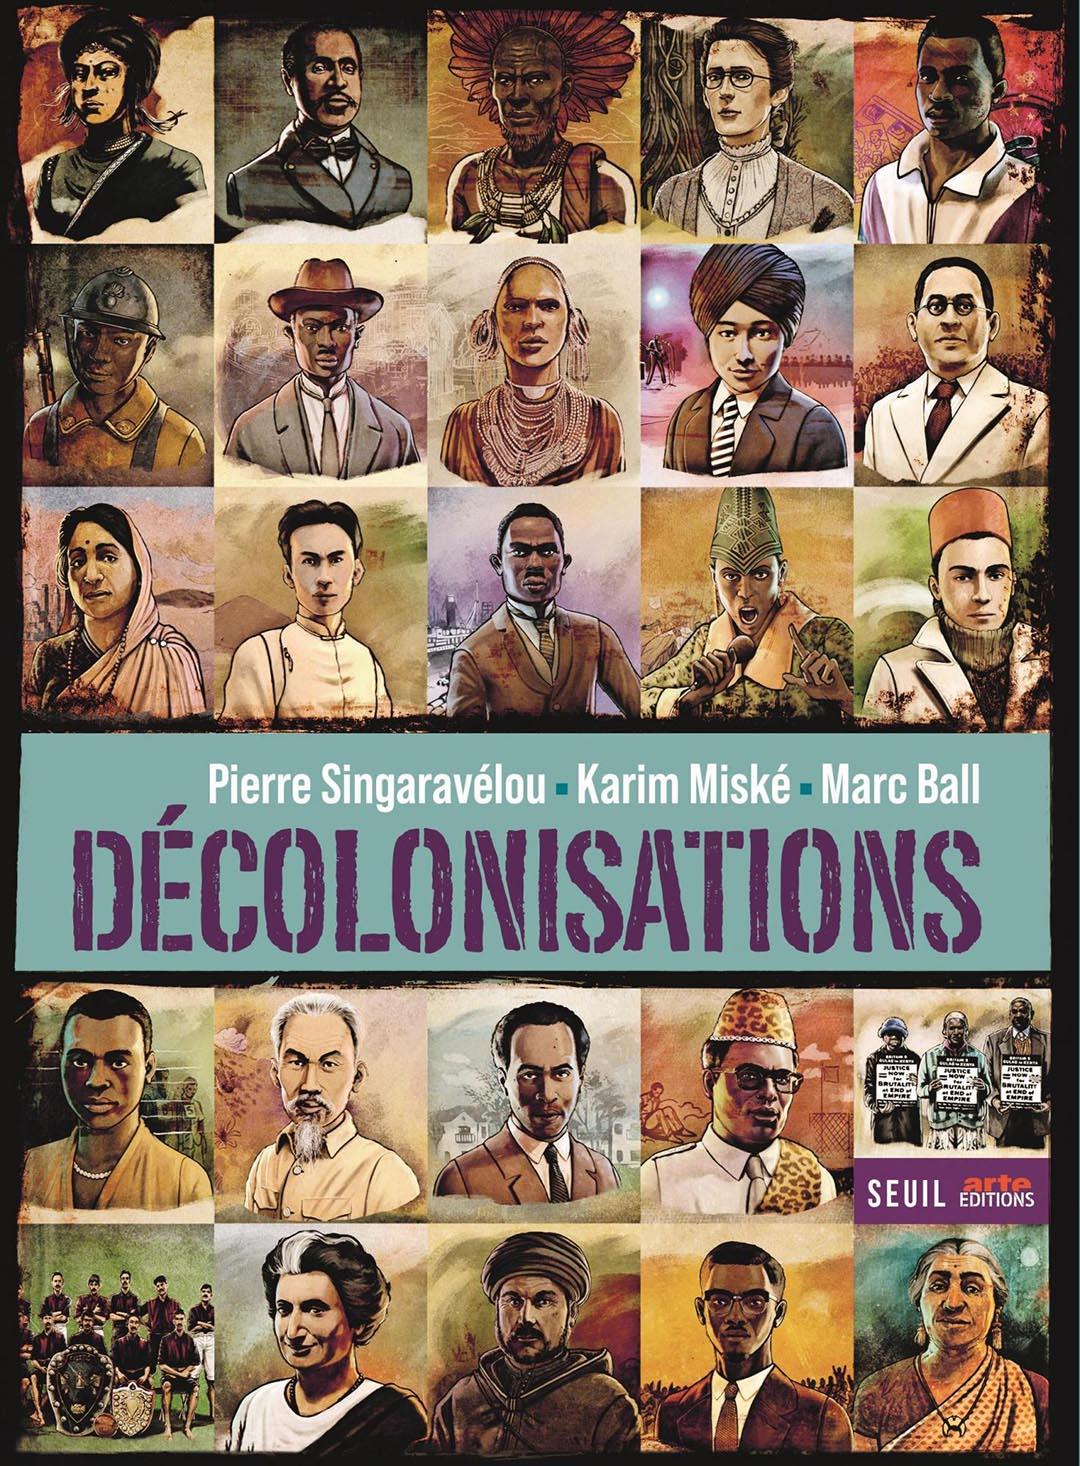 «Décolonisations », de Pierre Singaravélou, Karim Miské et Marc Ball, Seuil – Arte Editions, 232 p., 29,90 euros